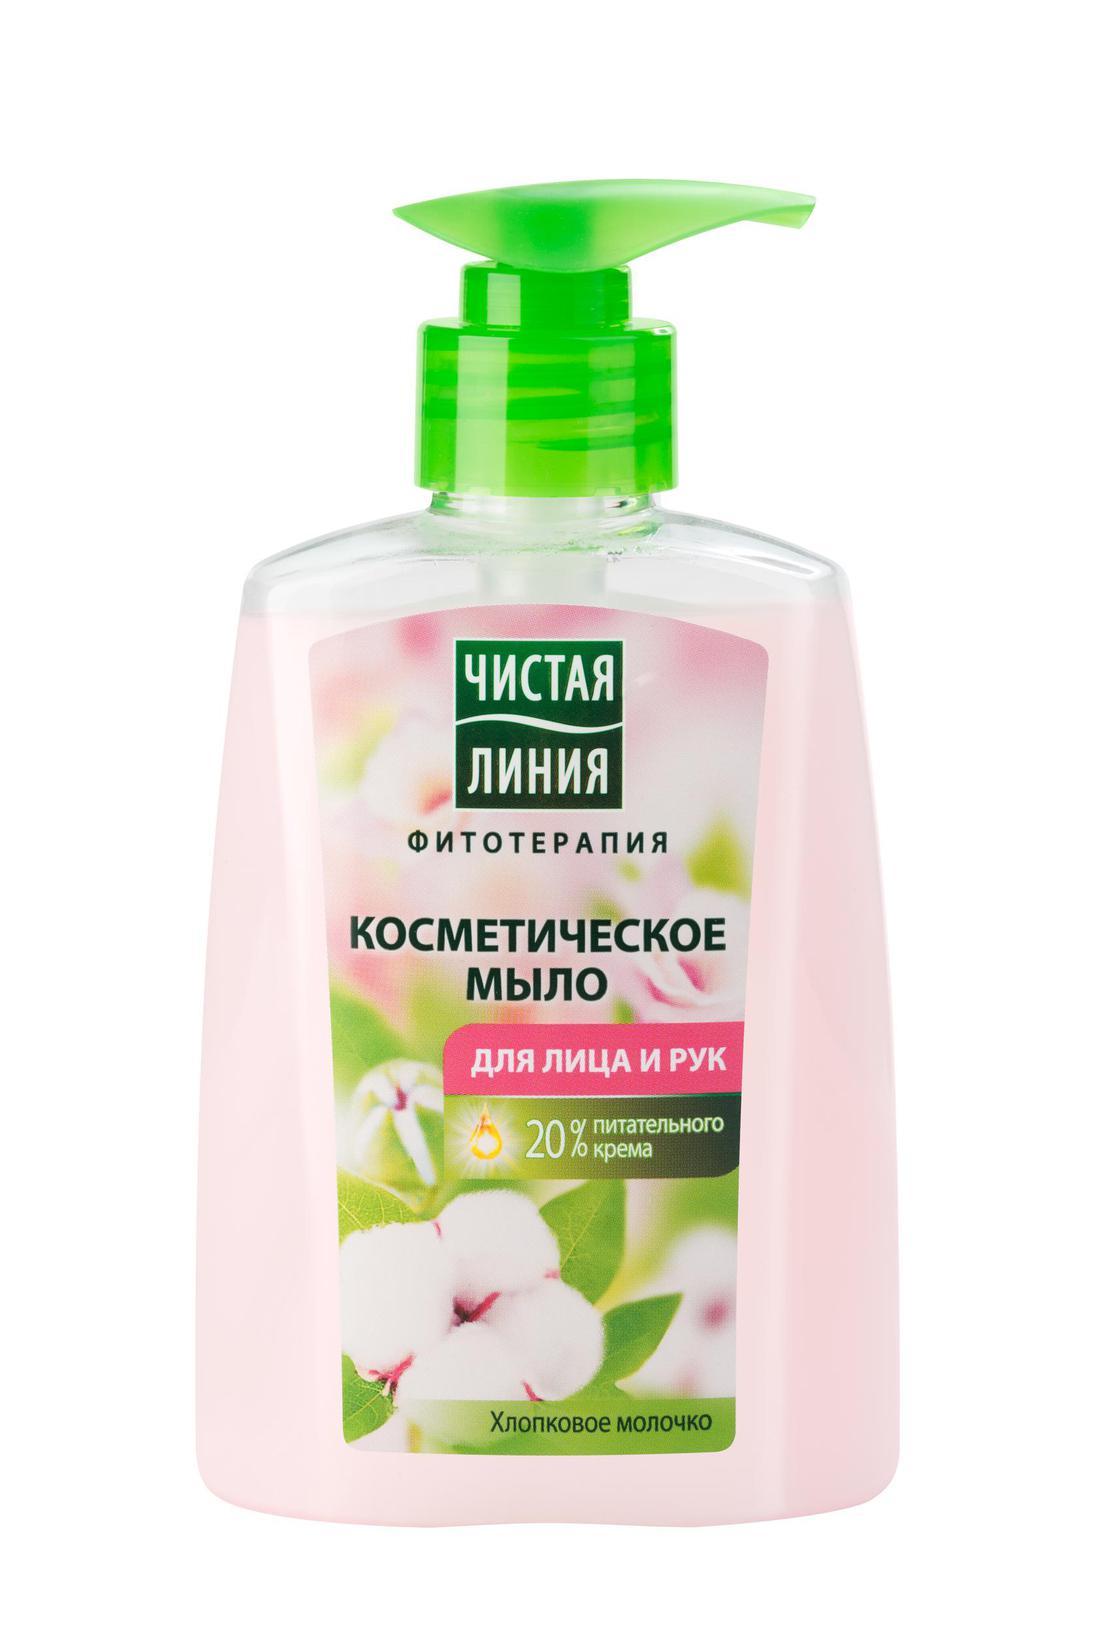 Косметическое мыло чистая линия для лица и рук